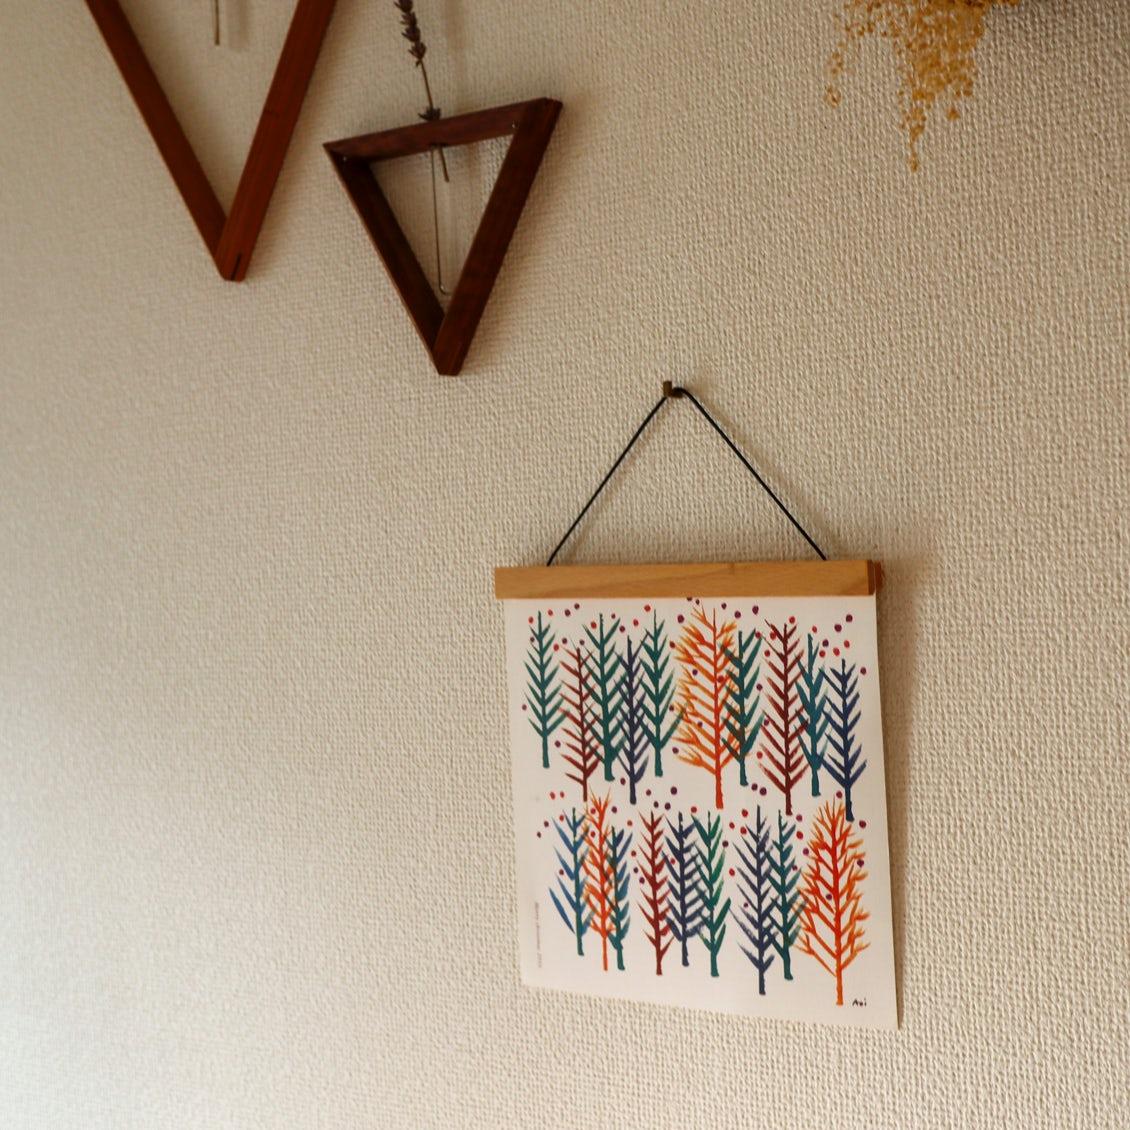 【スタッフの愛用品】気軽に楽しむ、絵のある暮らし。天然木の壁かけホルダー